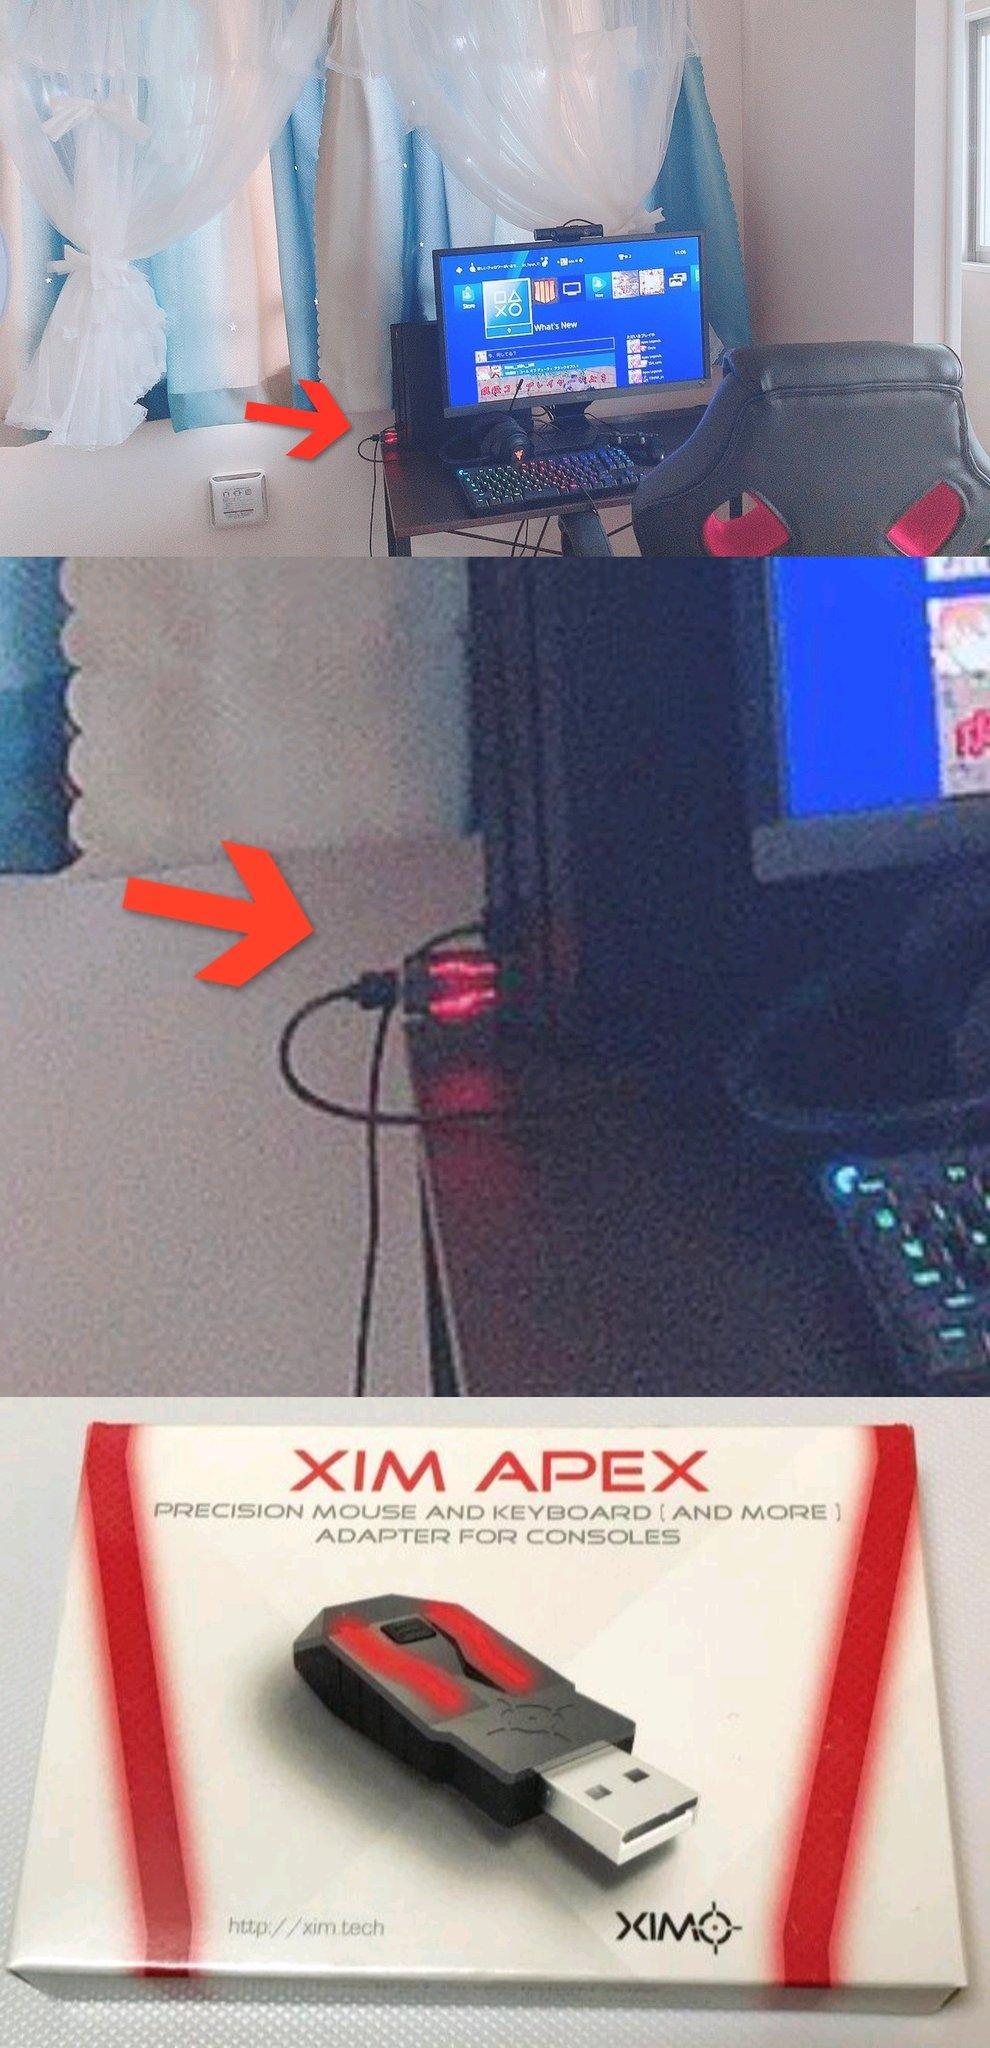 画像,【APEX】女性プレイヤーさん、モロにコンバーターが映り込んだ写真をupしてしまうも、「Twitterアカウントを乗っ取られた」という古典的な手法で言い逃れを試…